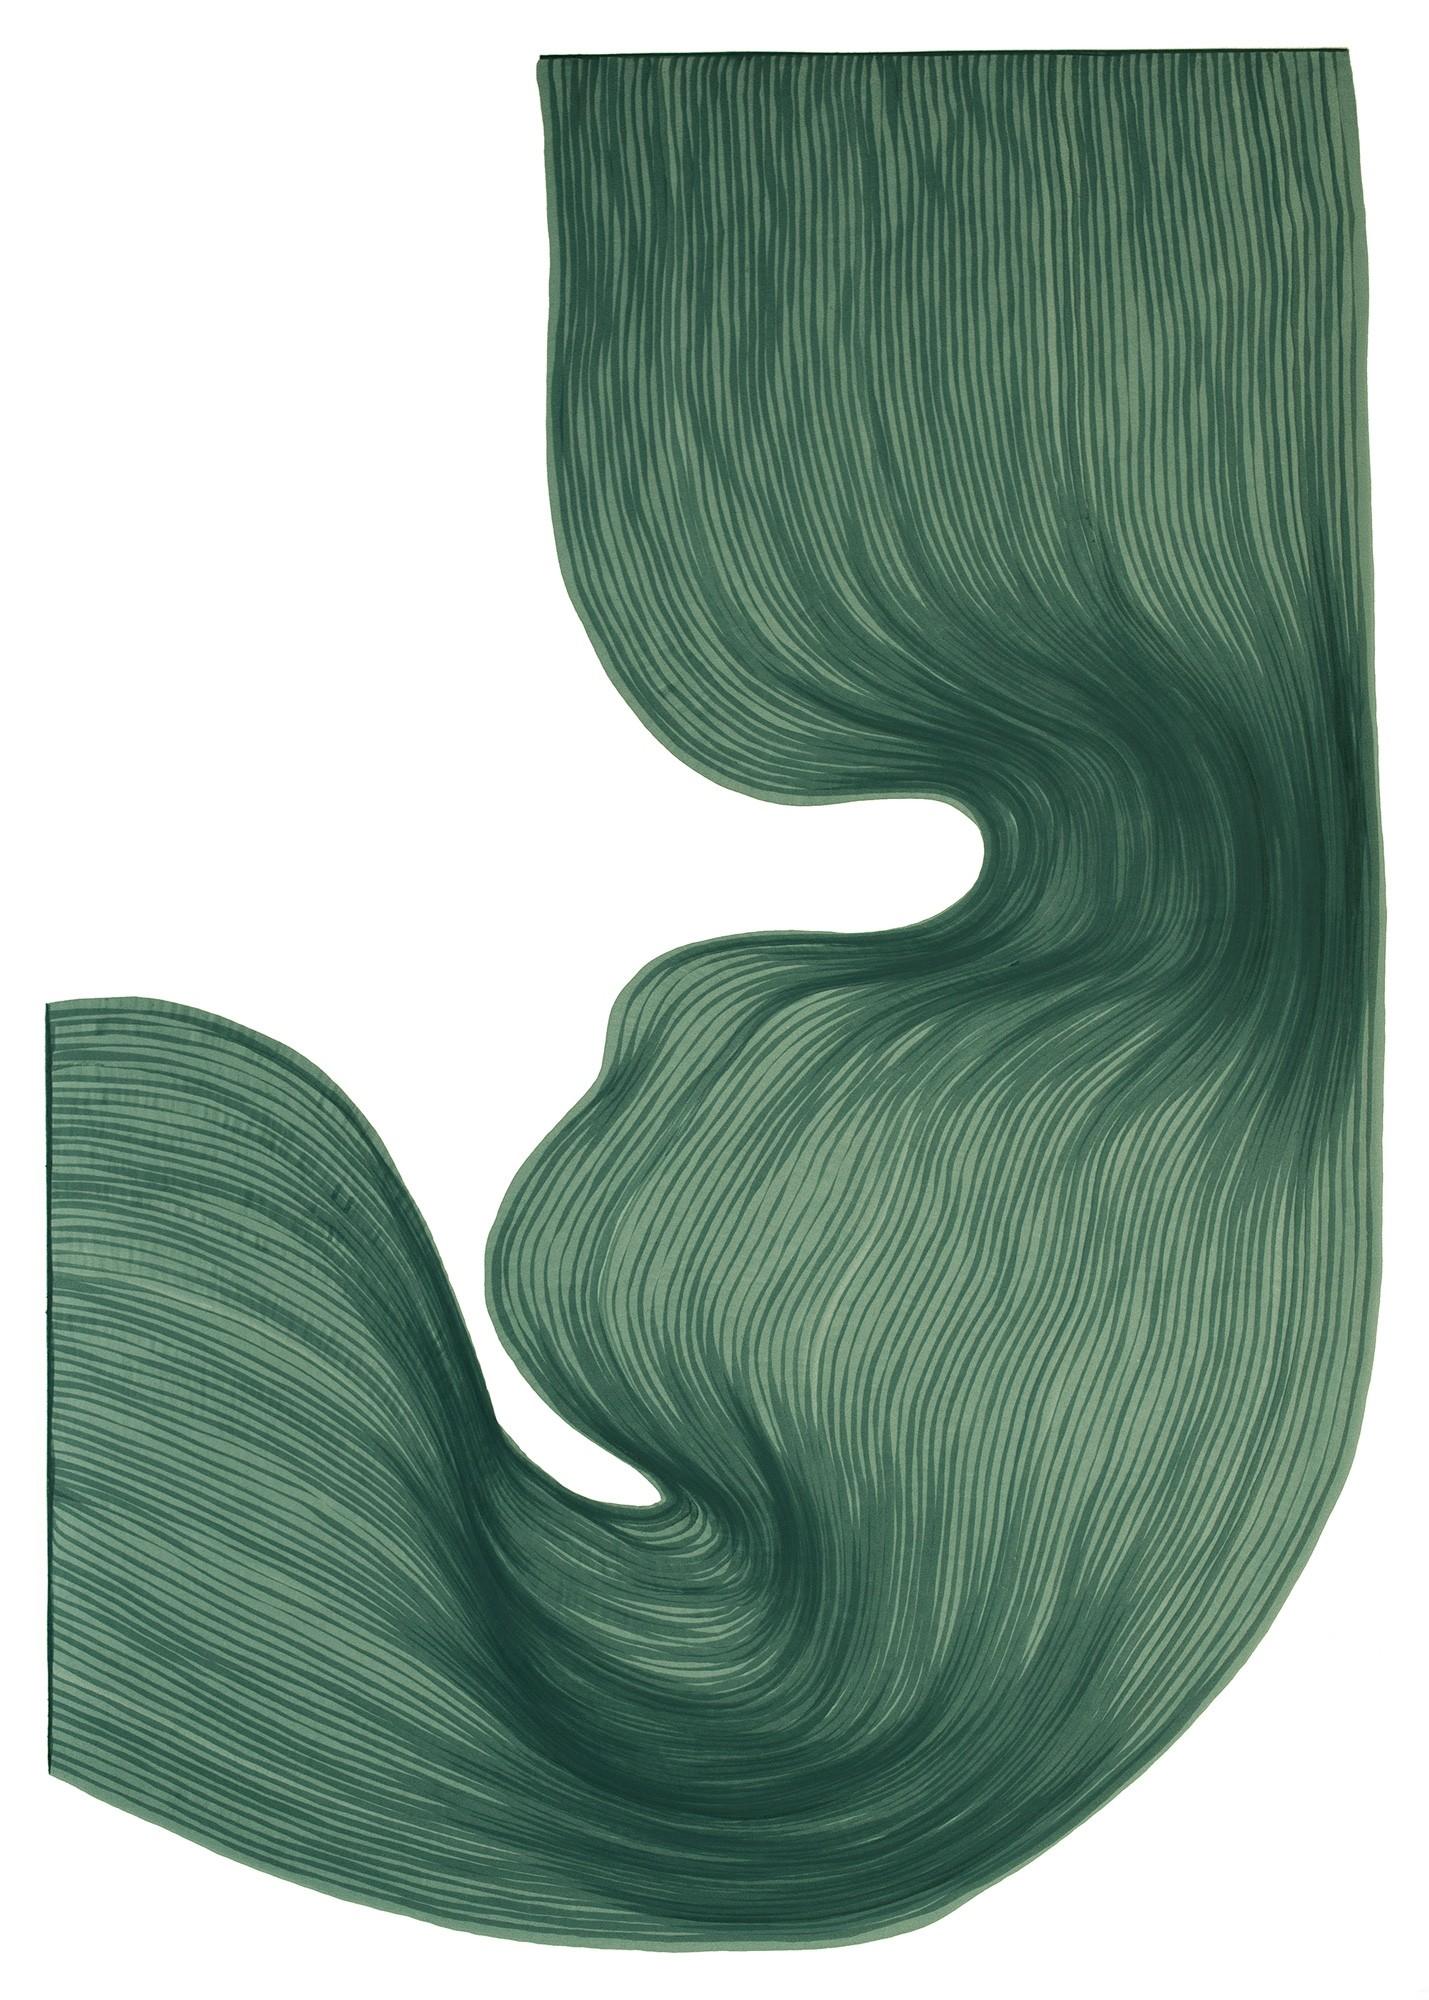 Pine Frost | Lali Torma | Zeichnung | Kalligraphietusche auf Papier